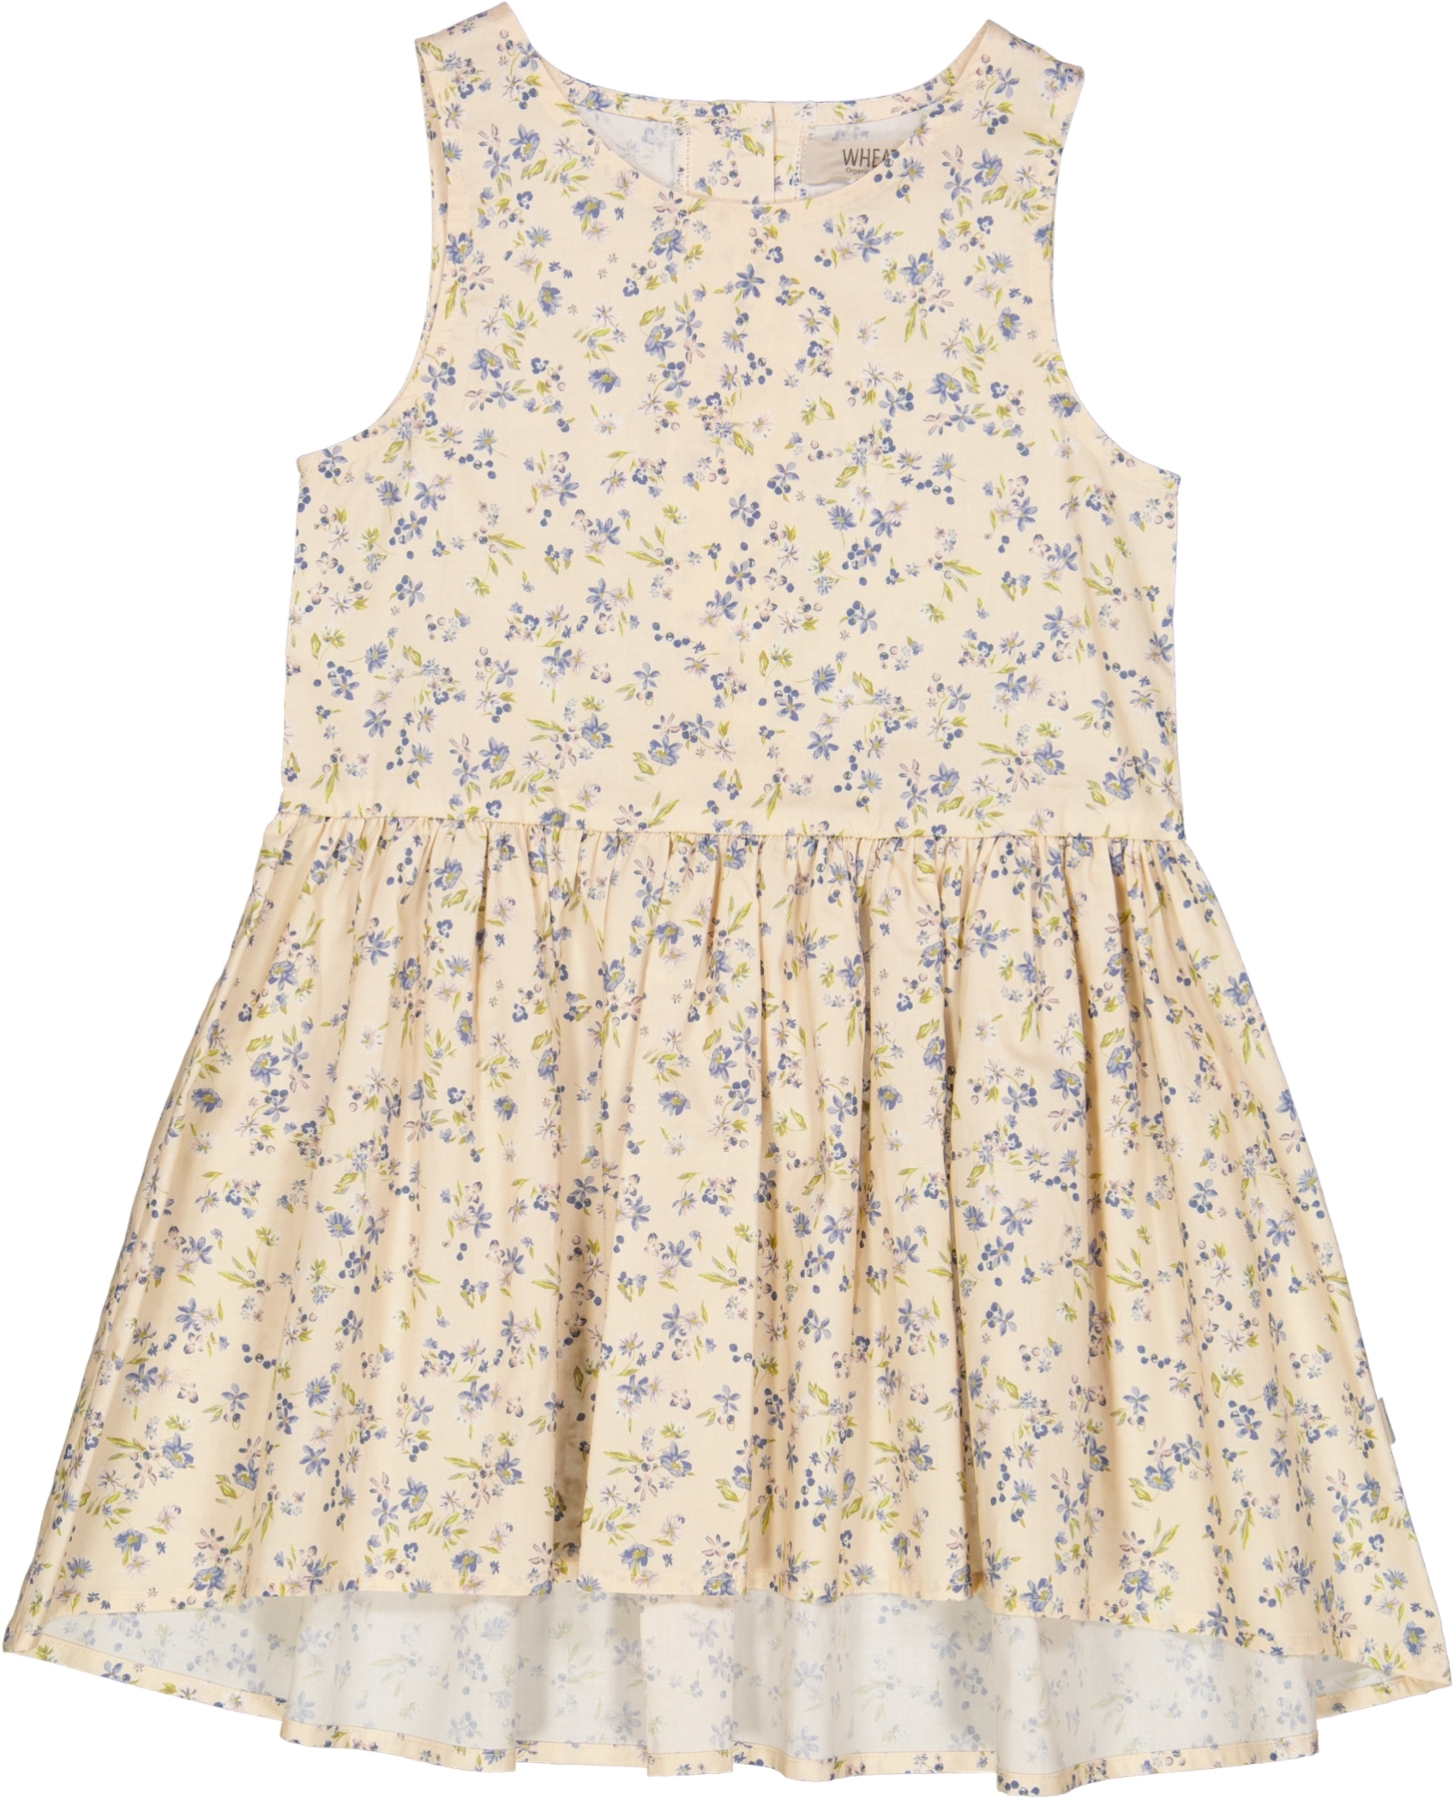 Wheat Sarah kjole